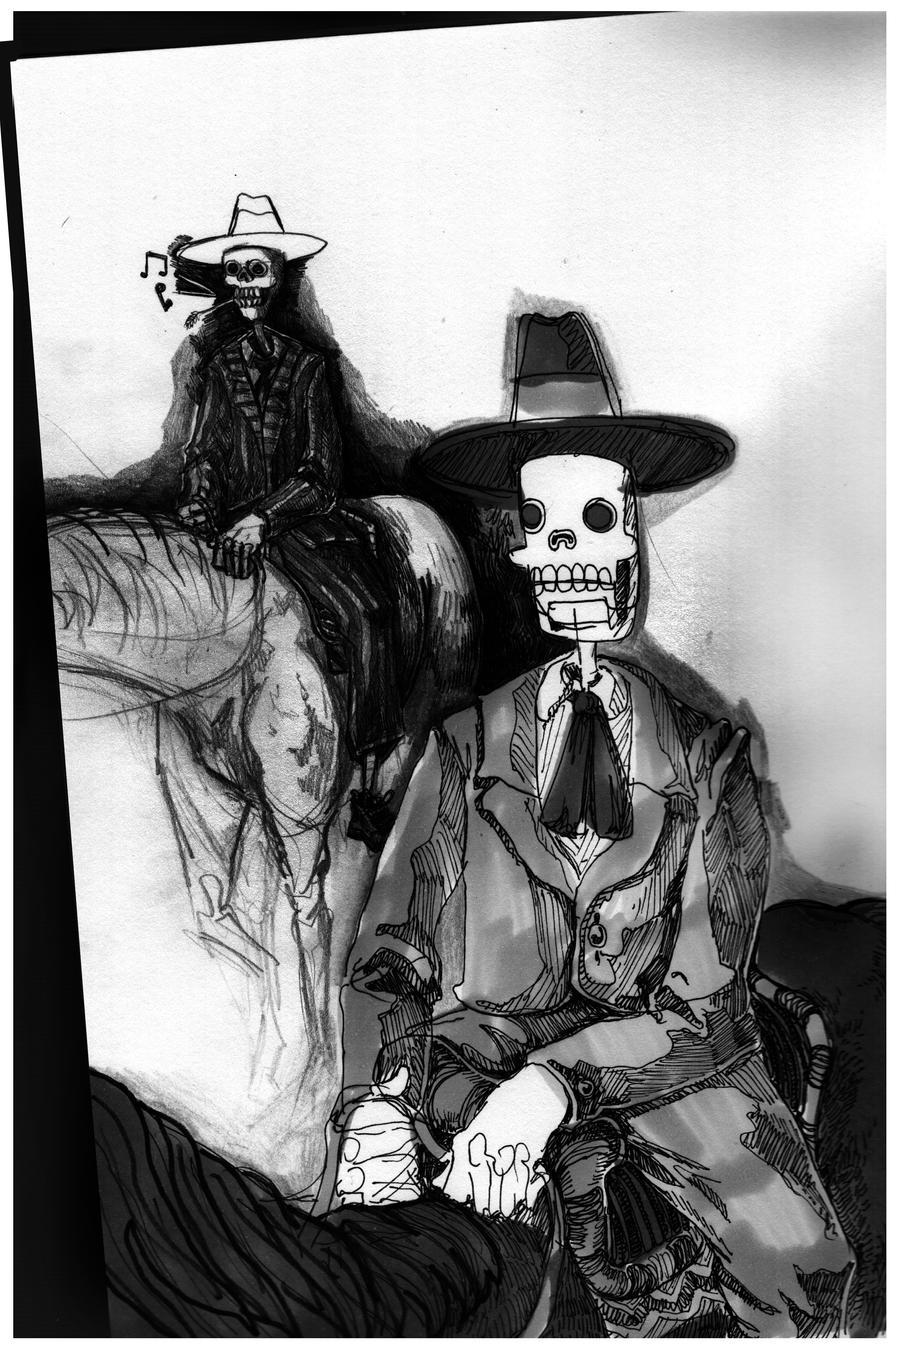 Skeletons on horseback